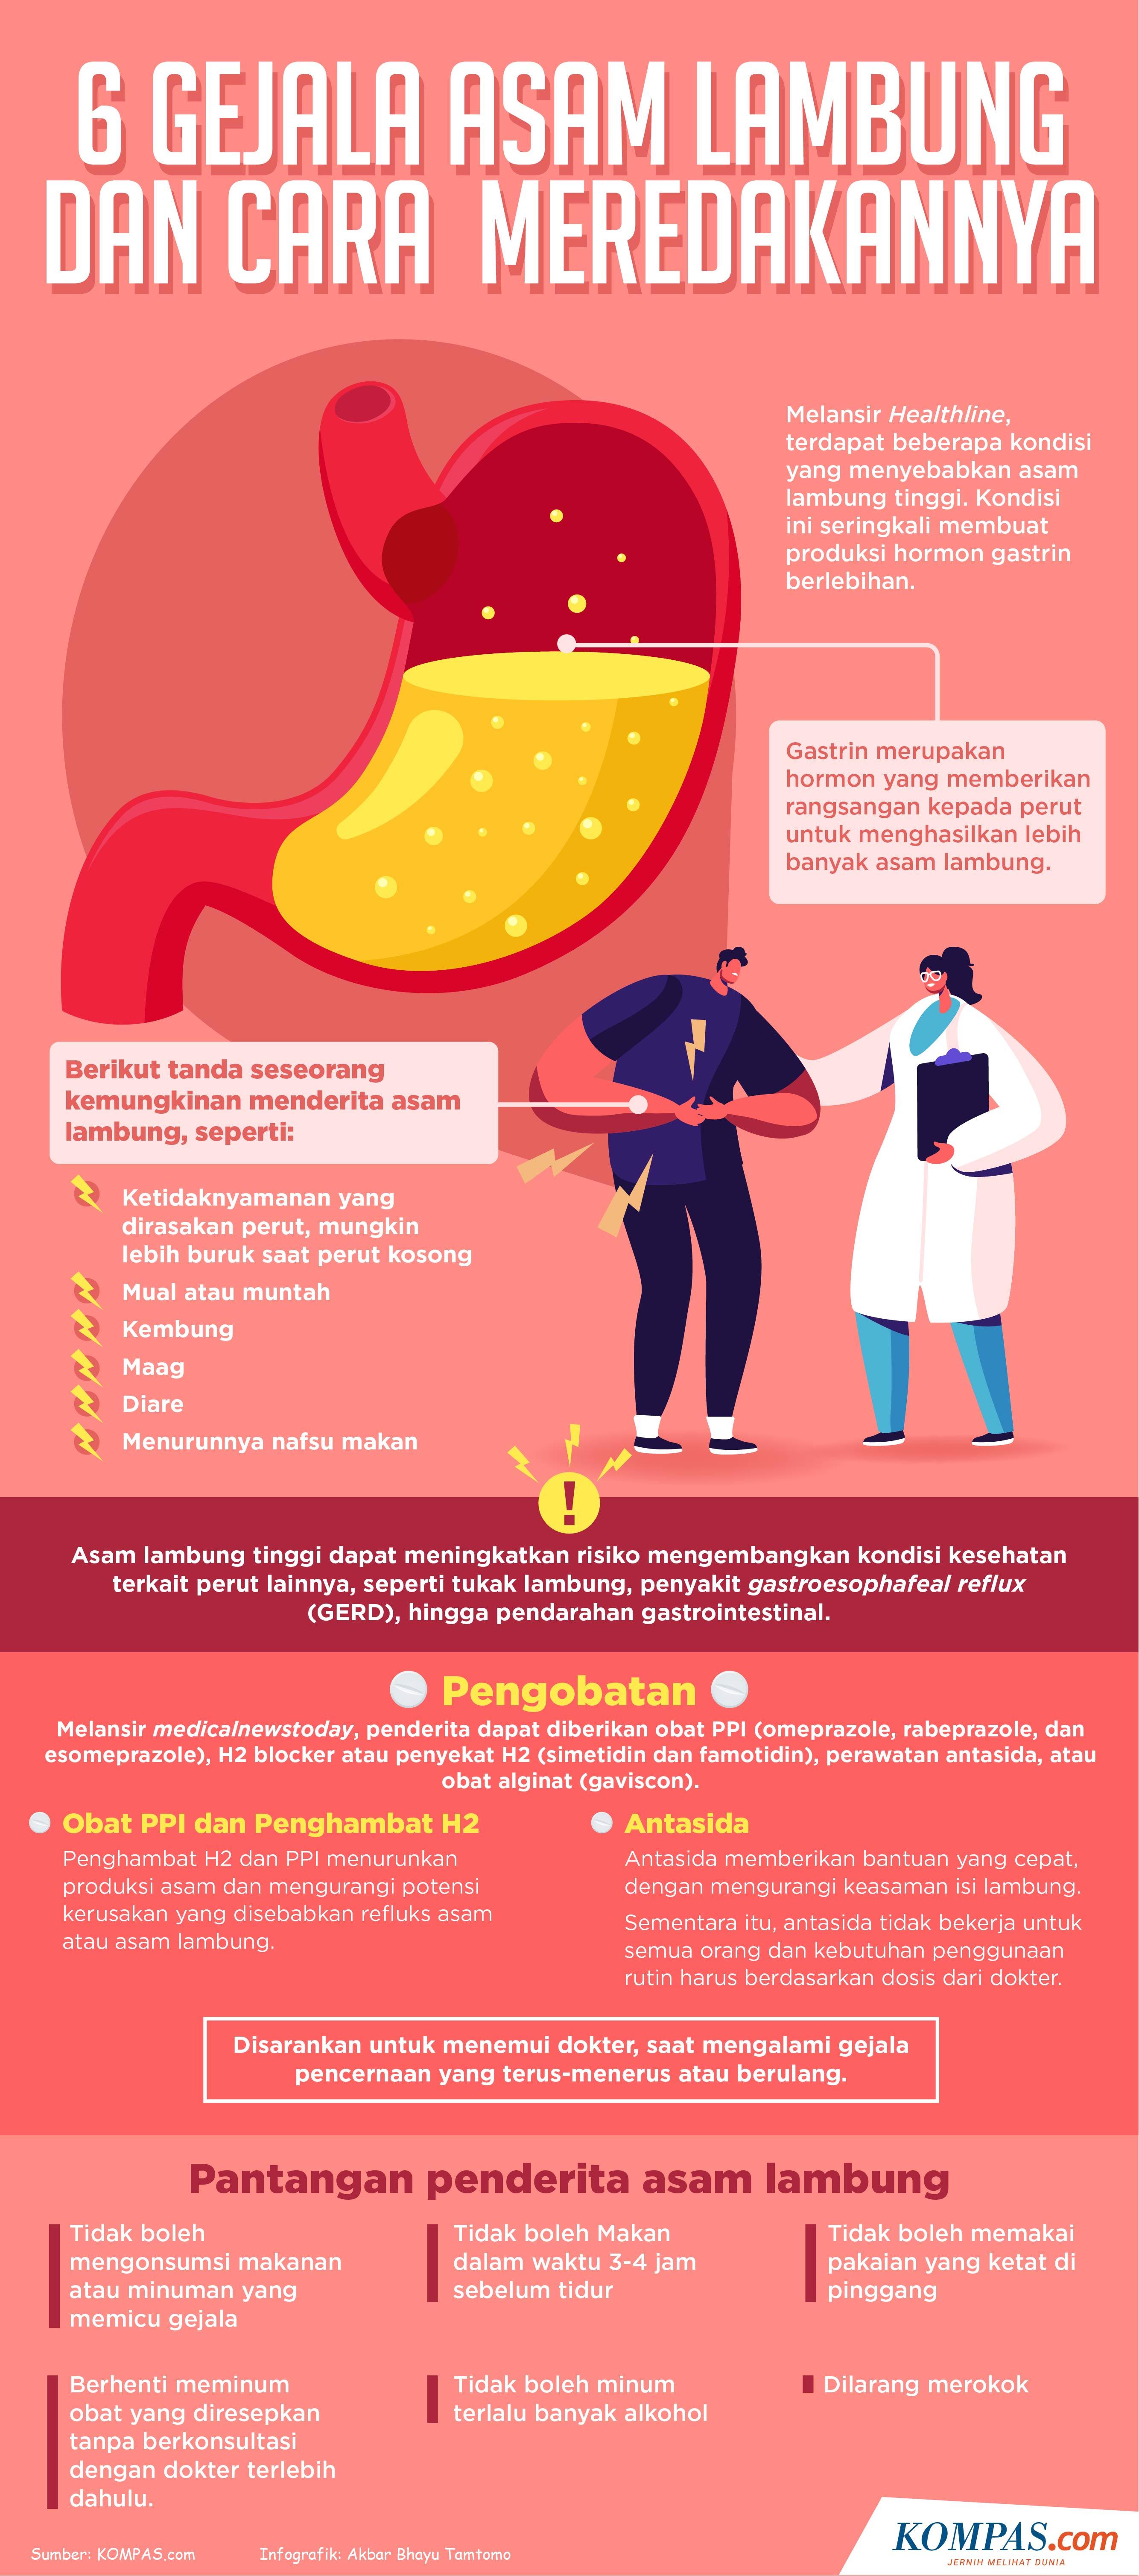 29+ Tanda dan gejala gerd trends